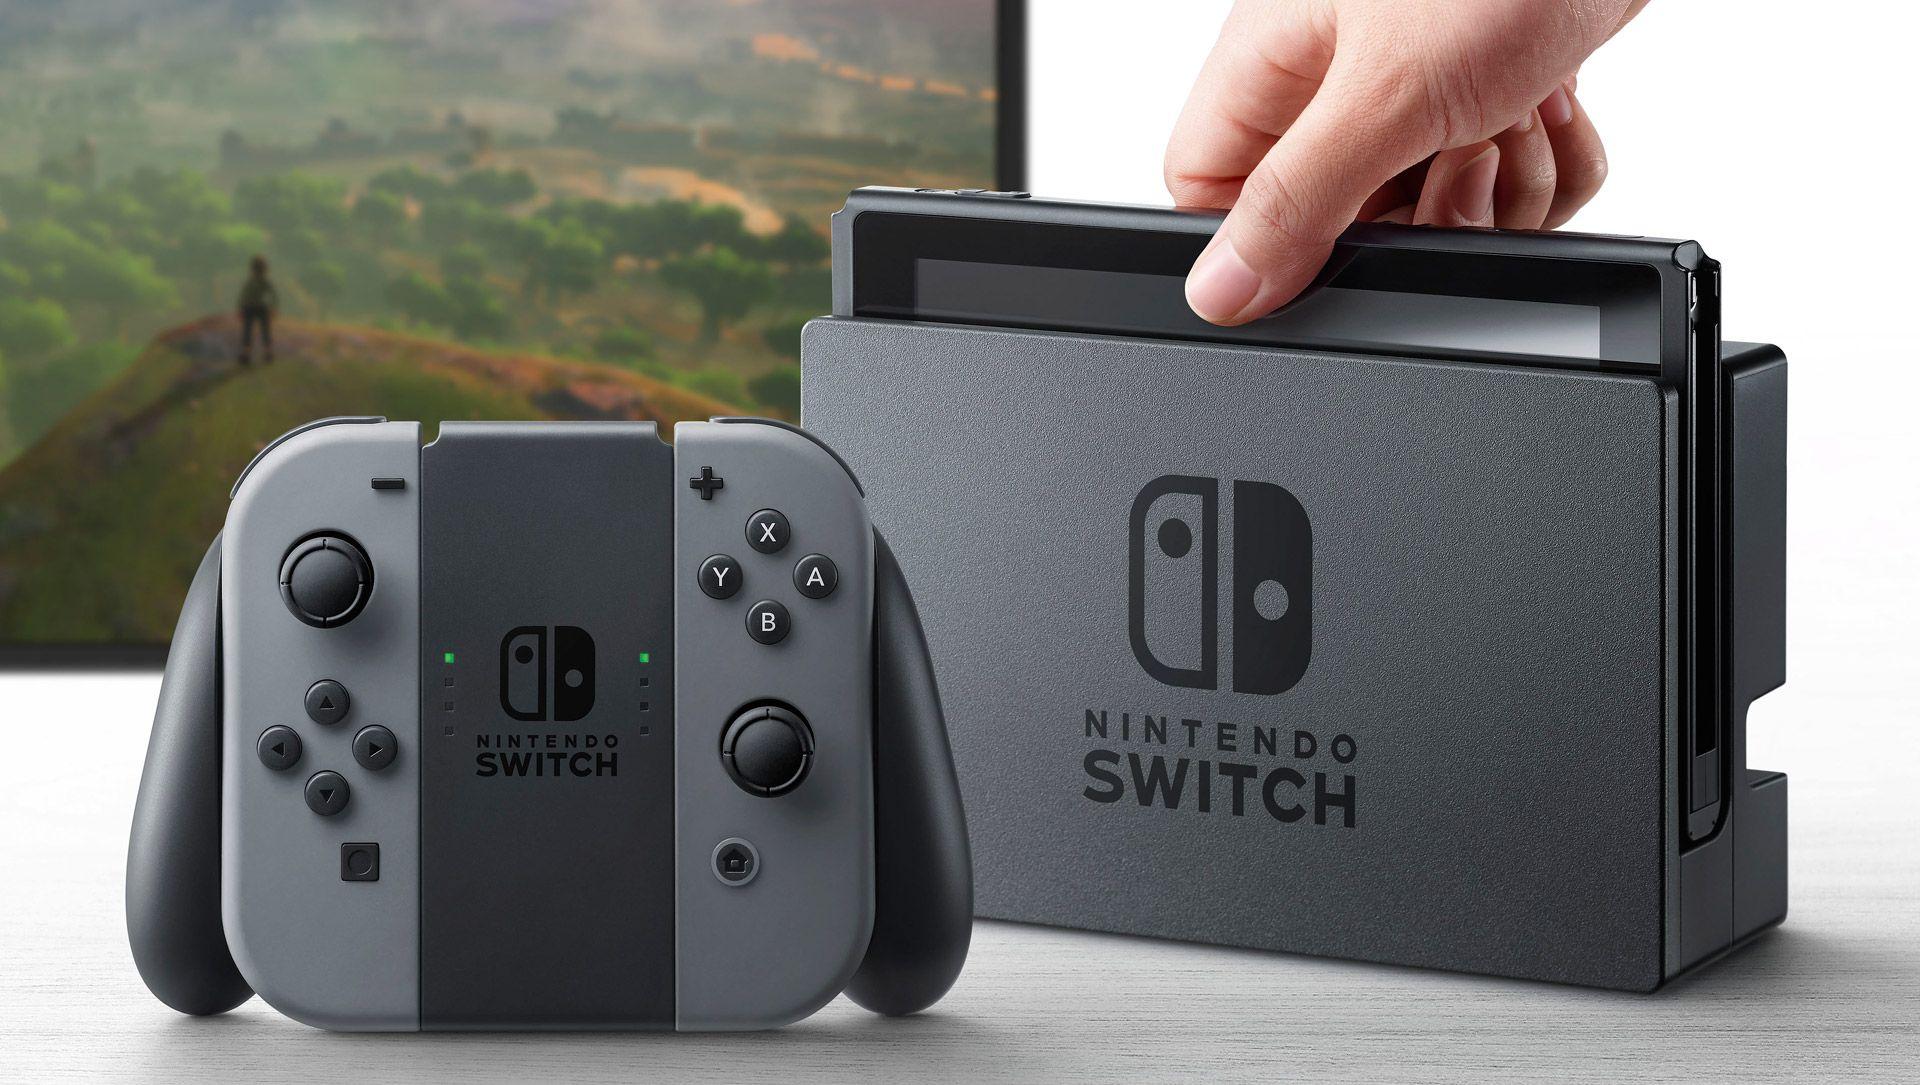 Mišljenje: Nintendo Switch je svijet za sebe